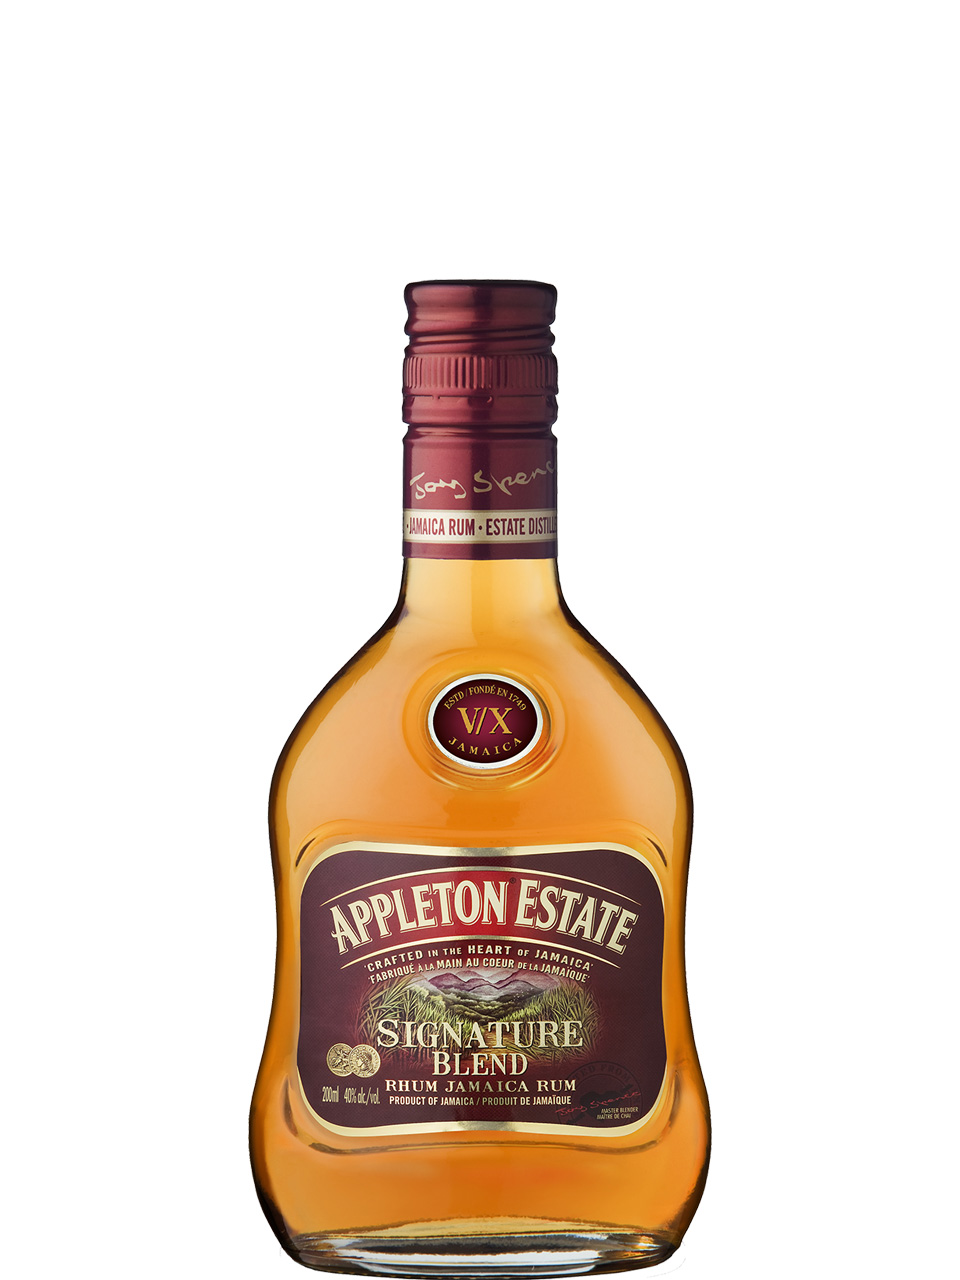 Appleton Estate Signature Blend